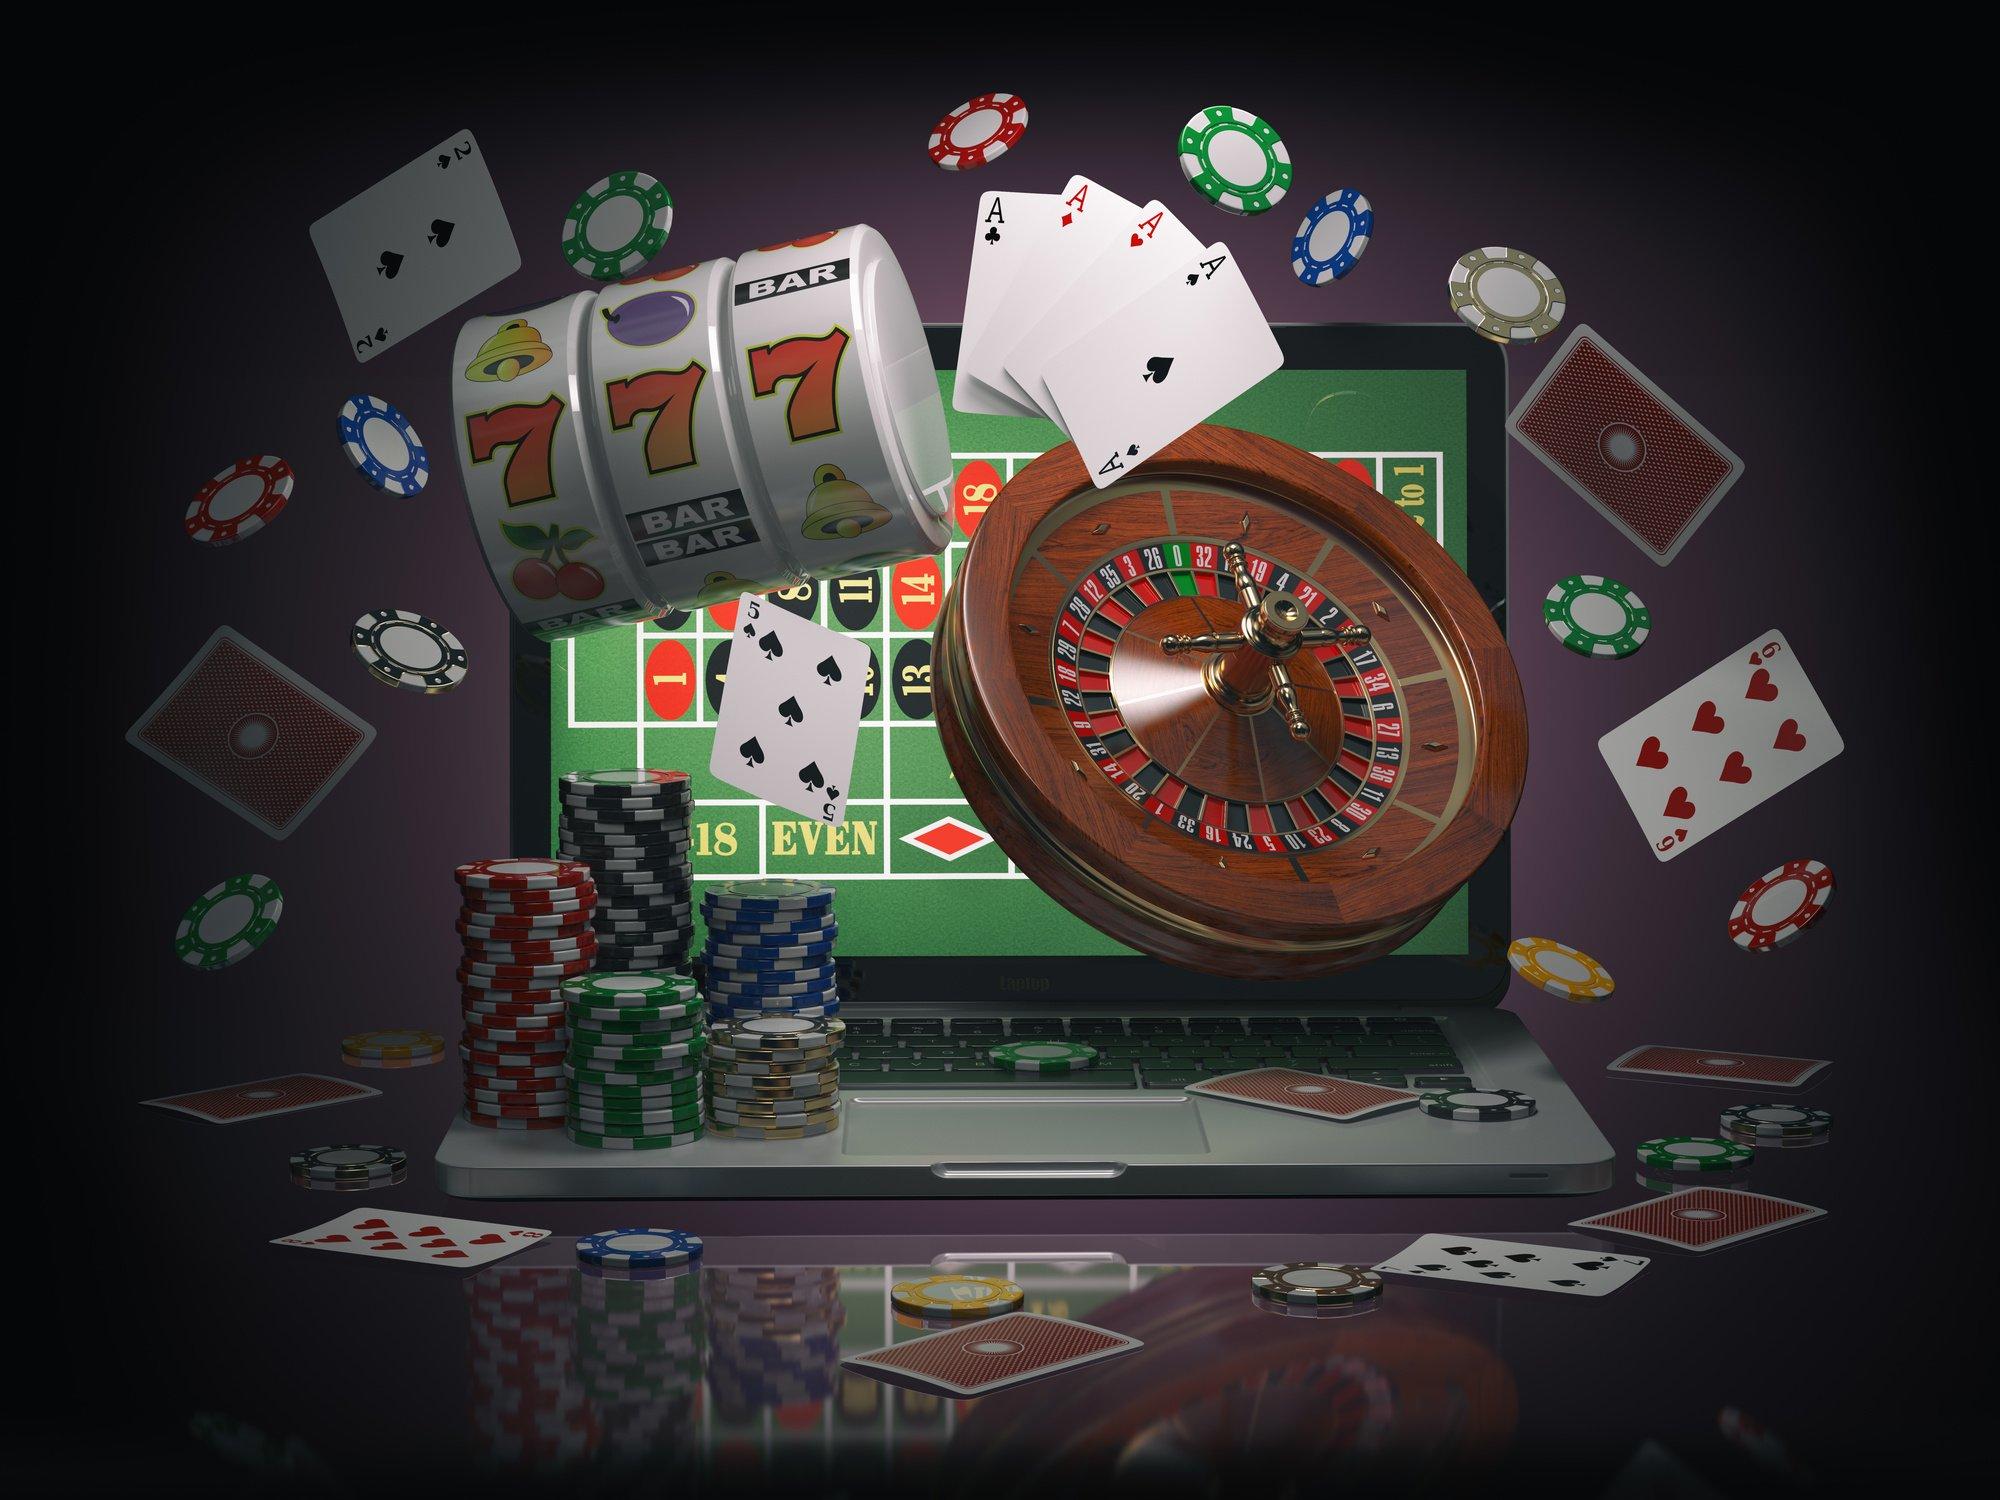 промокод дрифт казино бездепозитный бонус